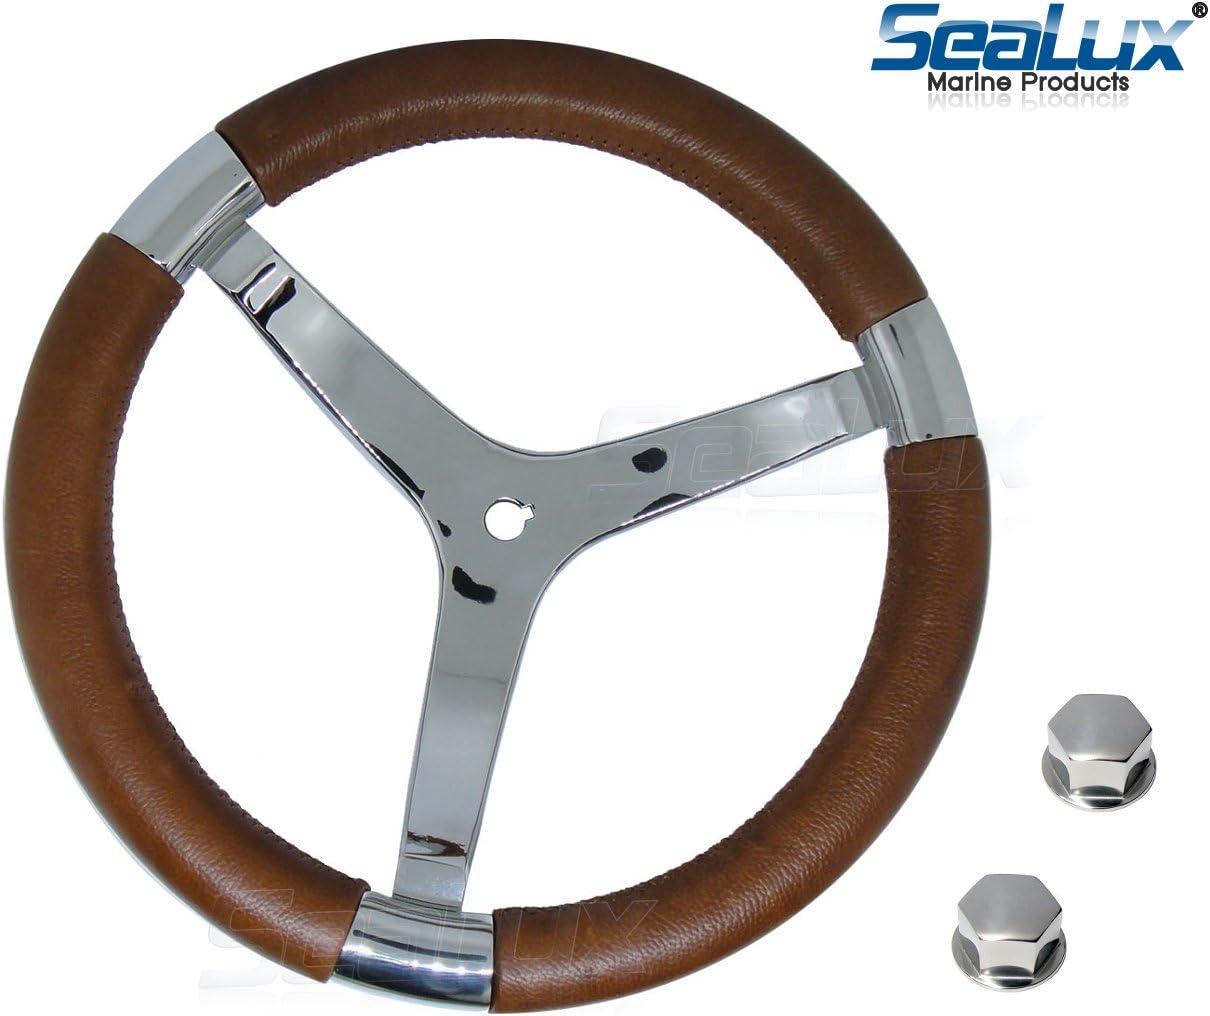 3-Spoke Sport Boat Yacht Steering Wheel SeaLux Marine Premier Genuine Leather Comfort Grip 316 Stainless Steel 14 dia Color: Cherrywood Brown